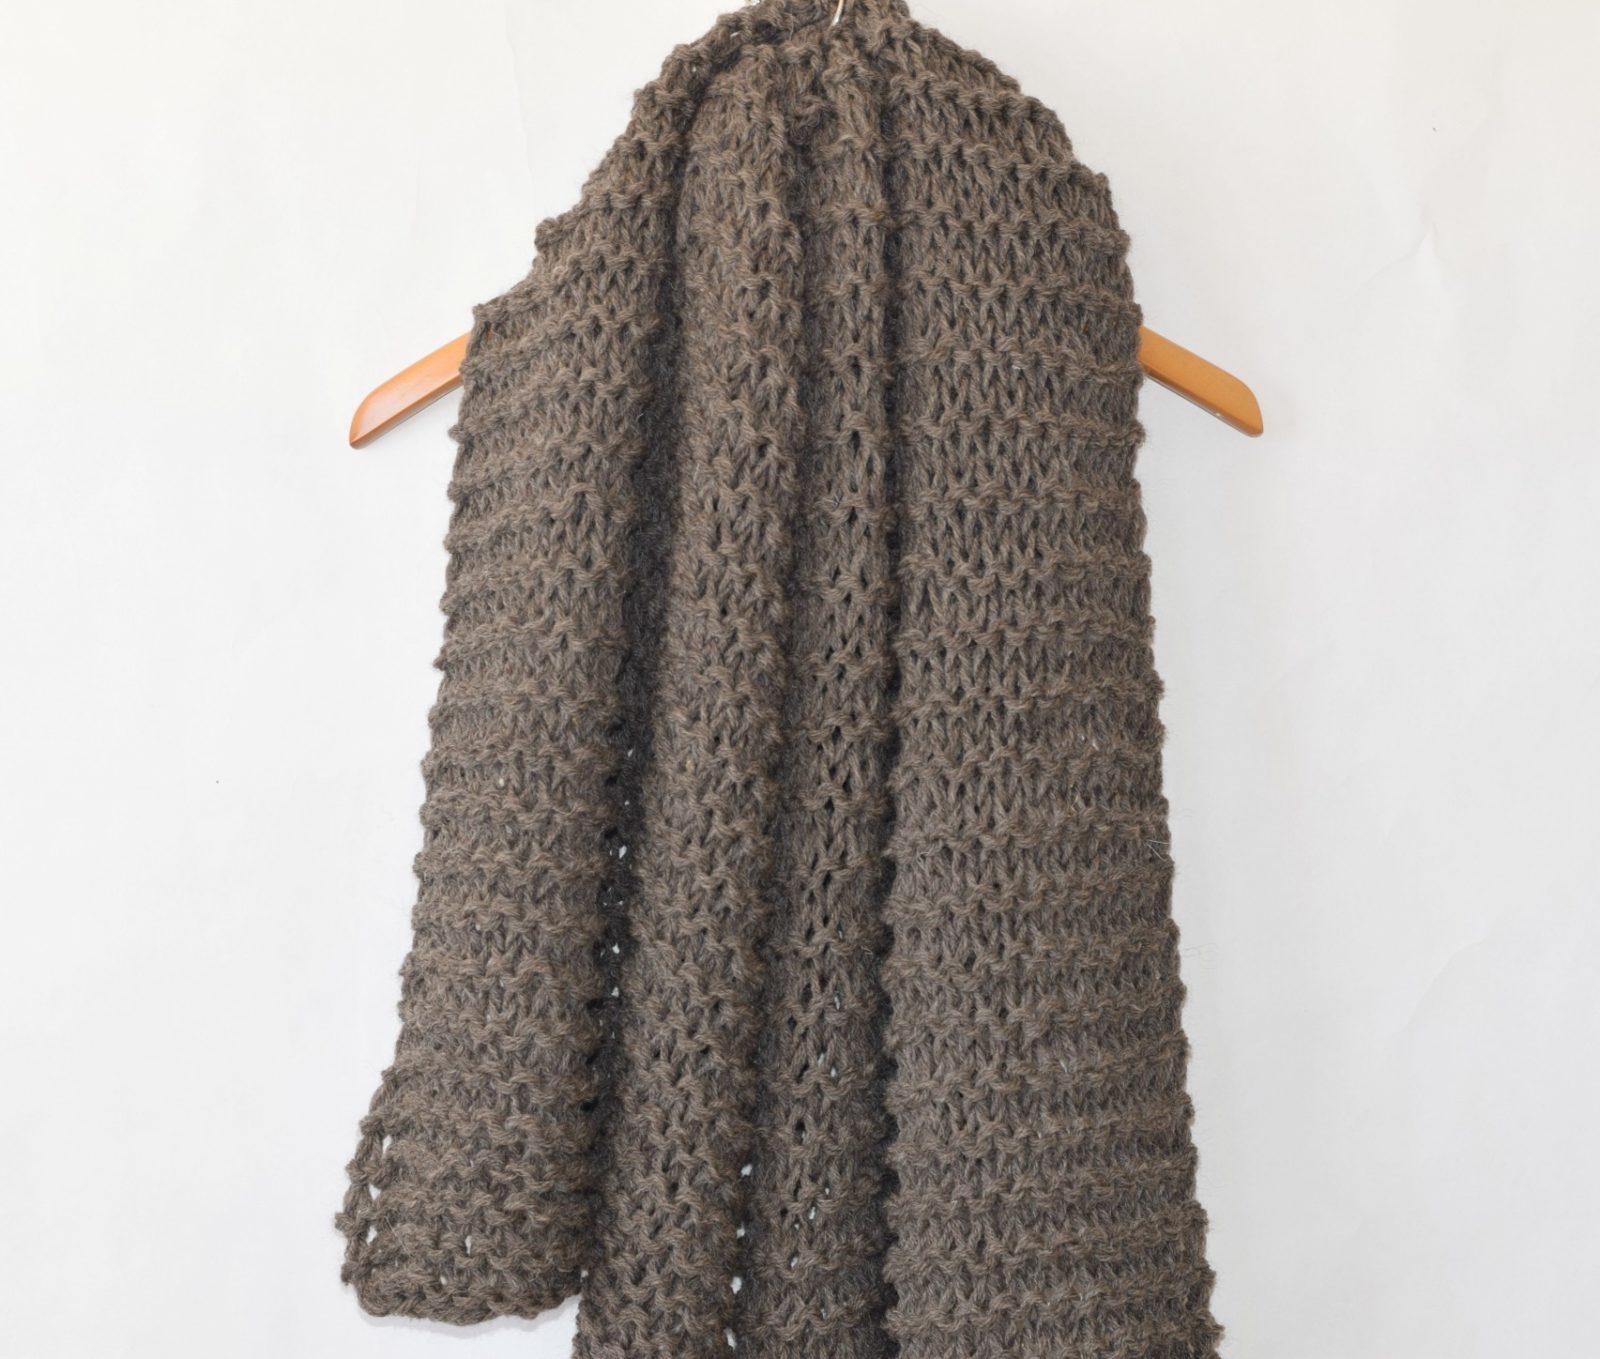 Big Beginner Knit Shawl - Scarf Pattern – Mama In A Stitch